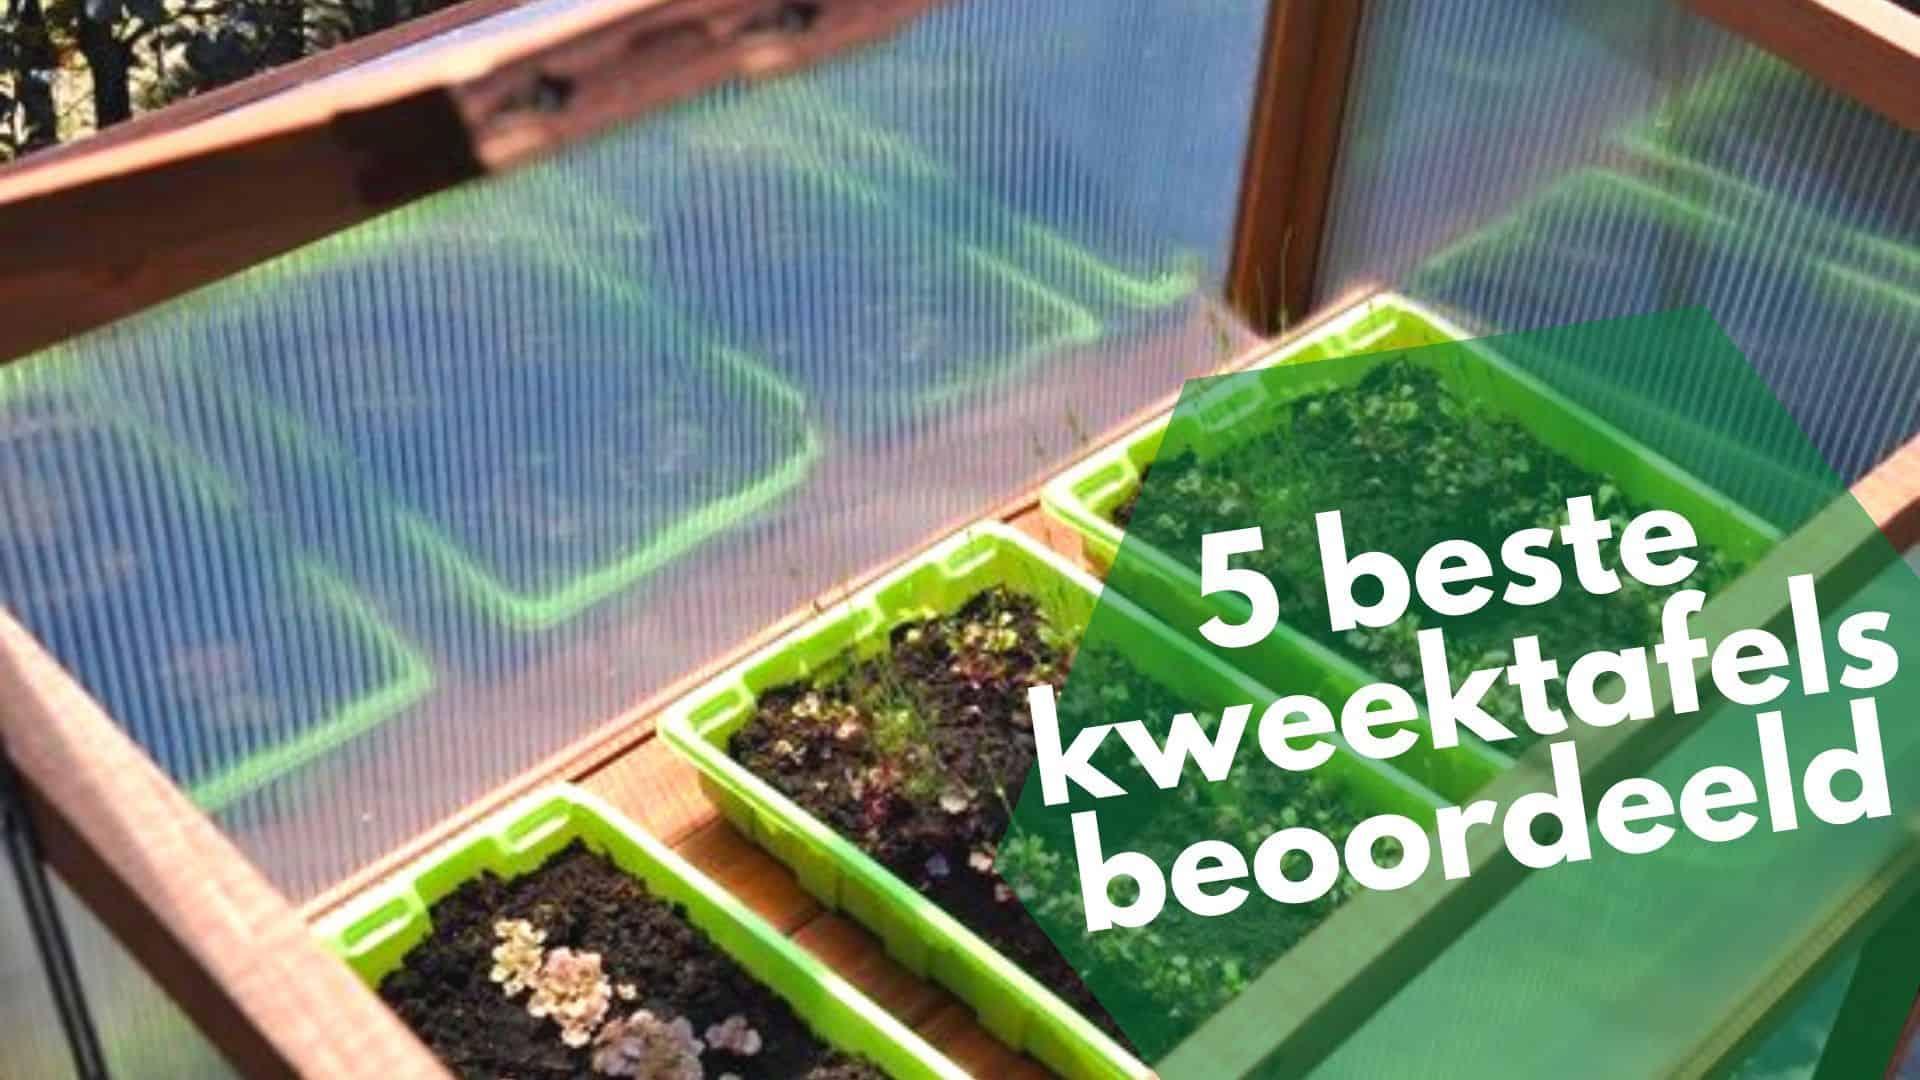 Beste kweektafel | Handig tuinieren met deze top 5